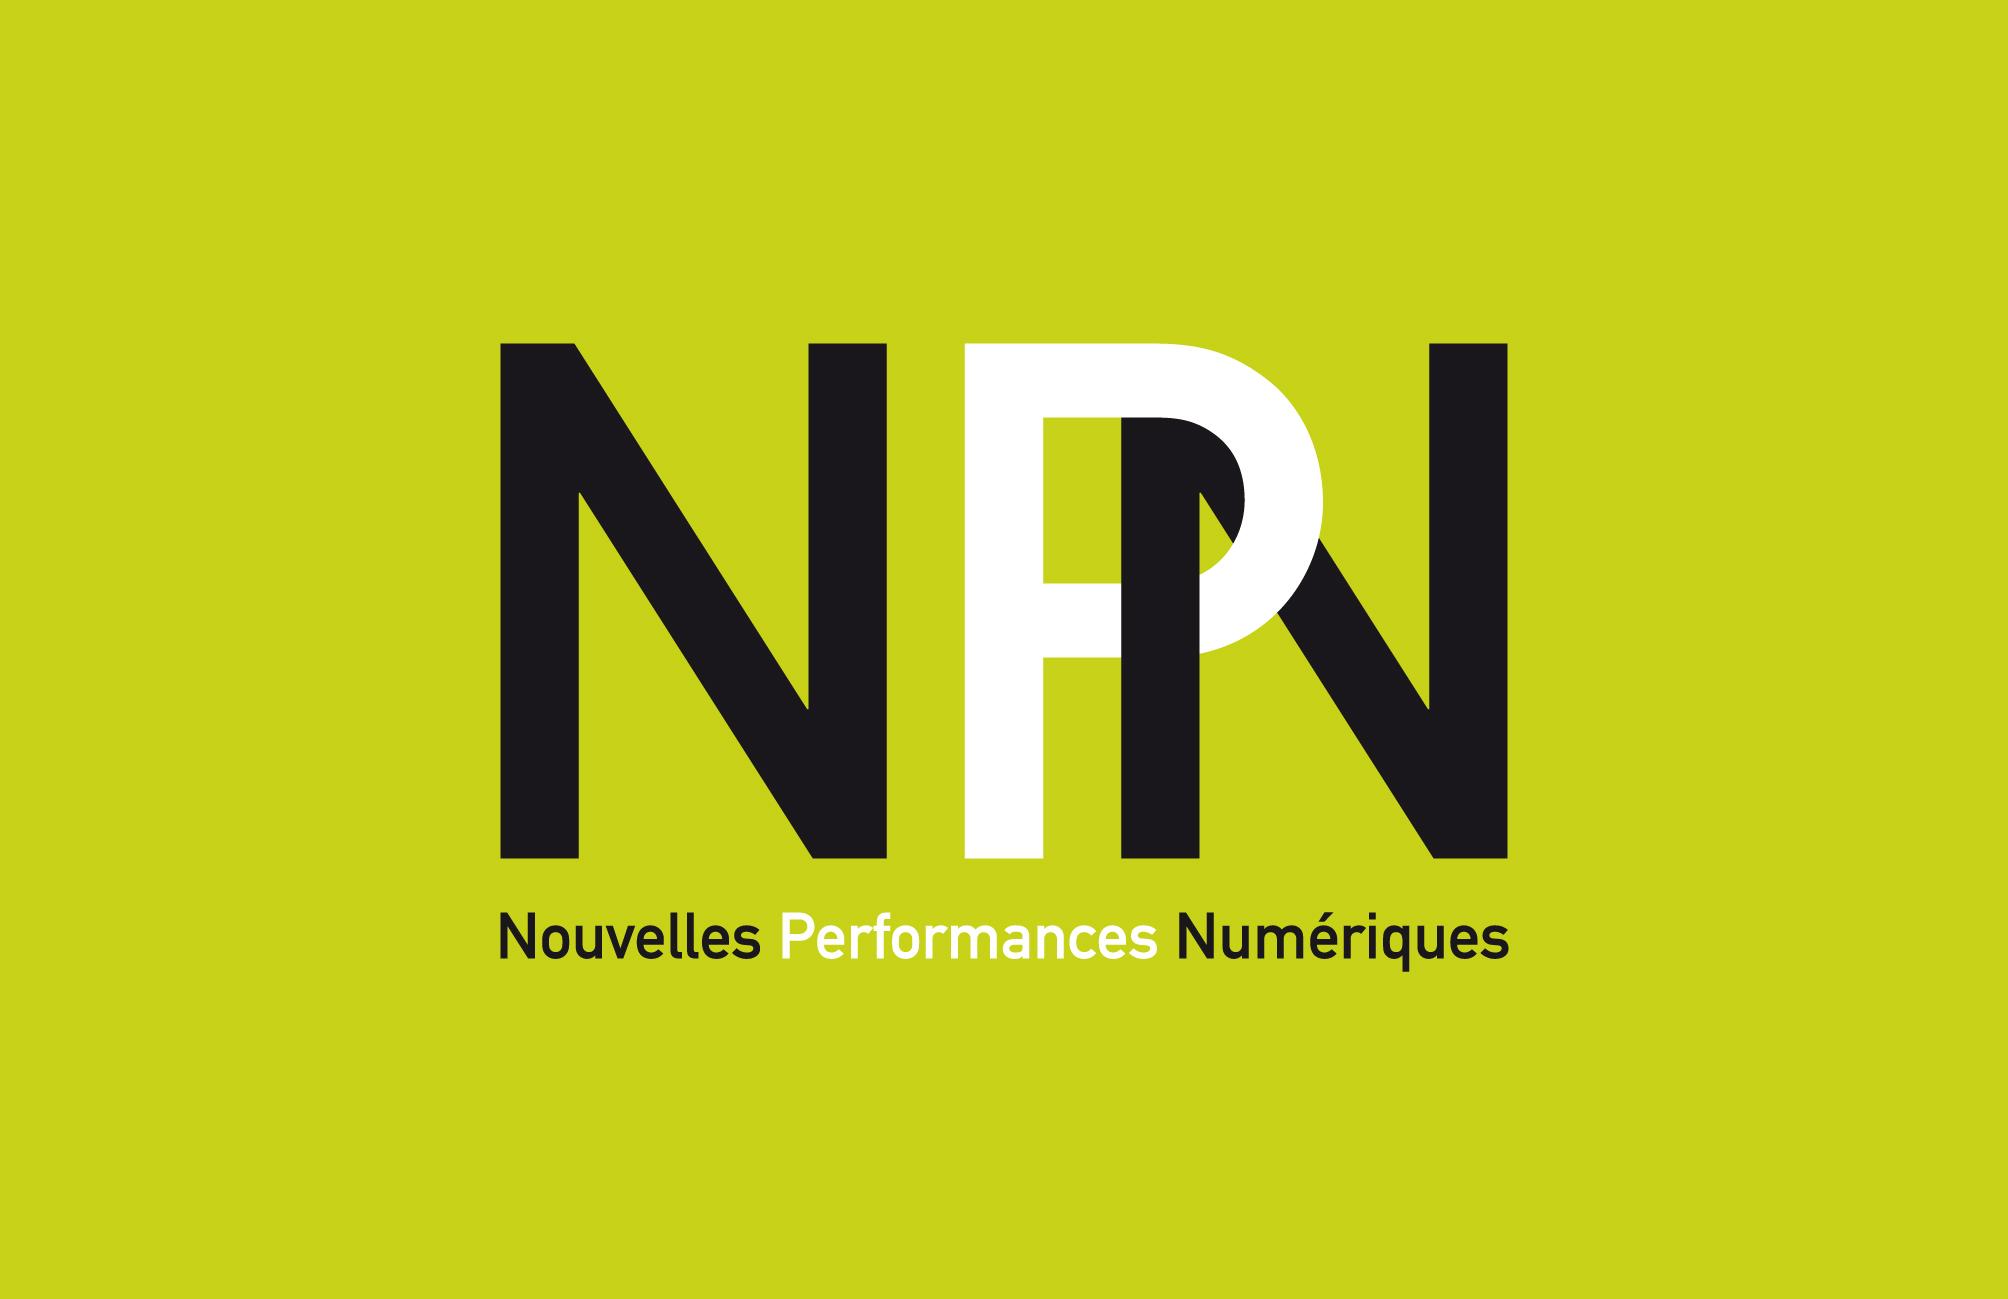 NPN - Nouvelles Performances Numériques logo